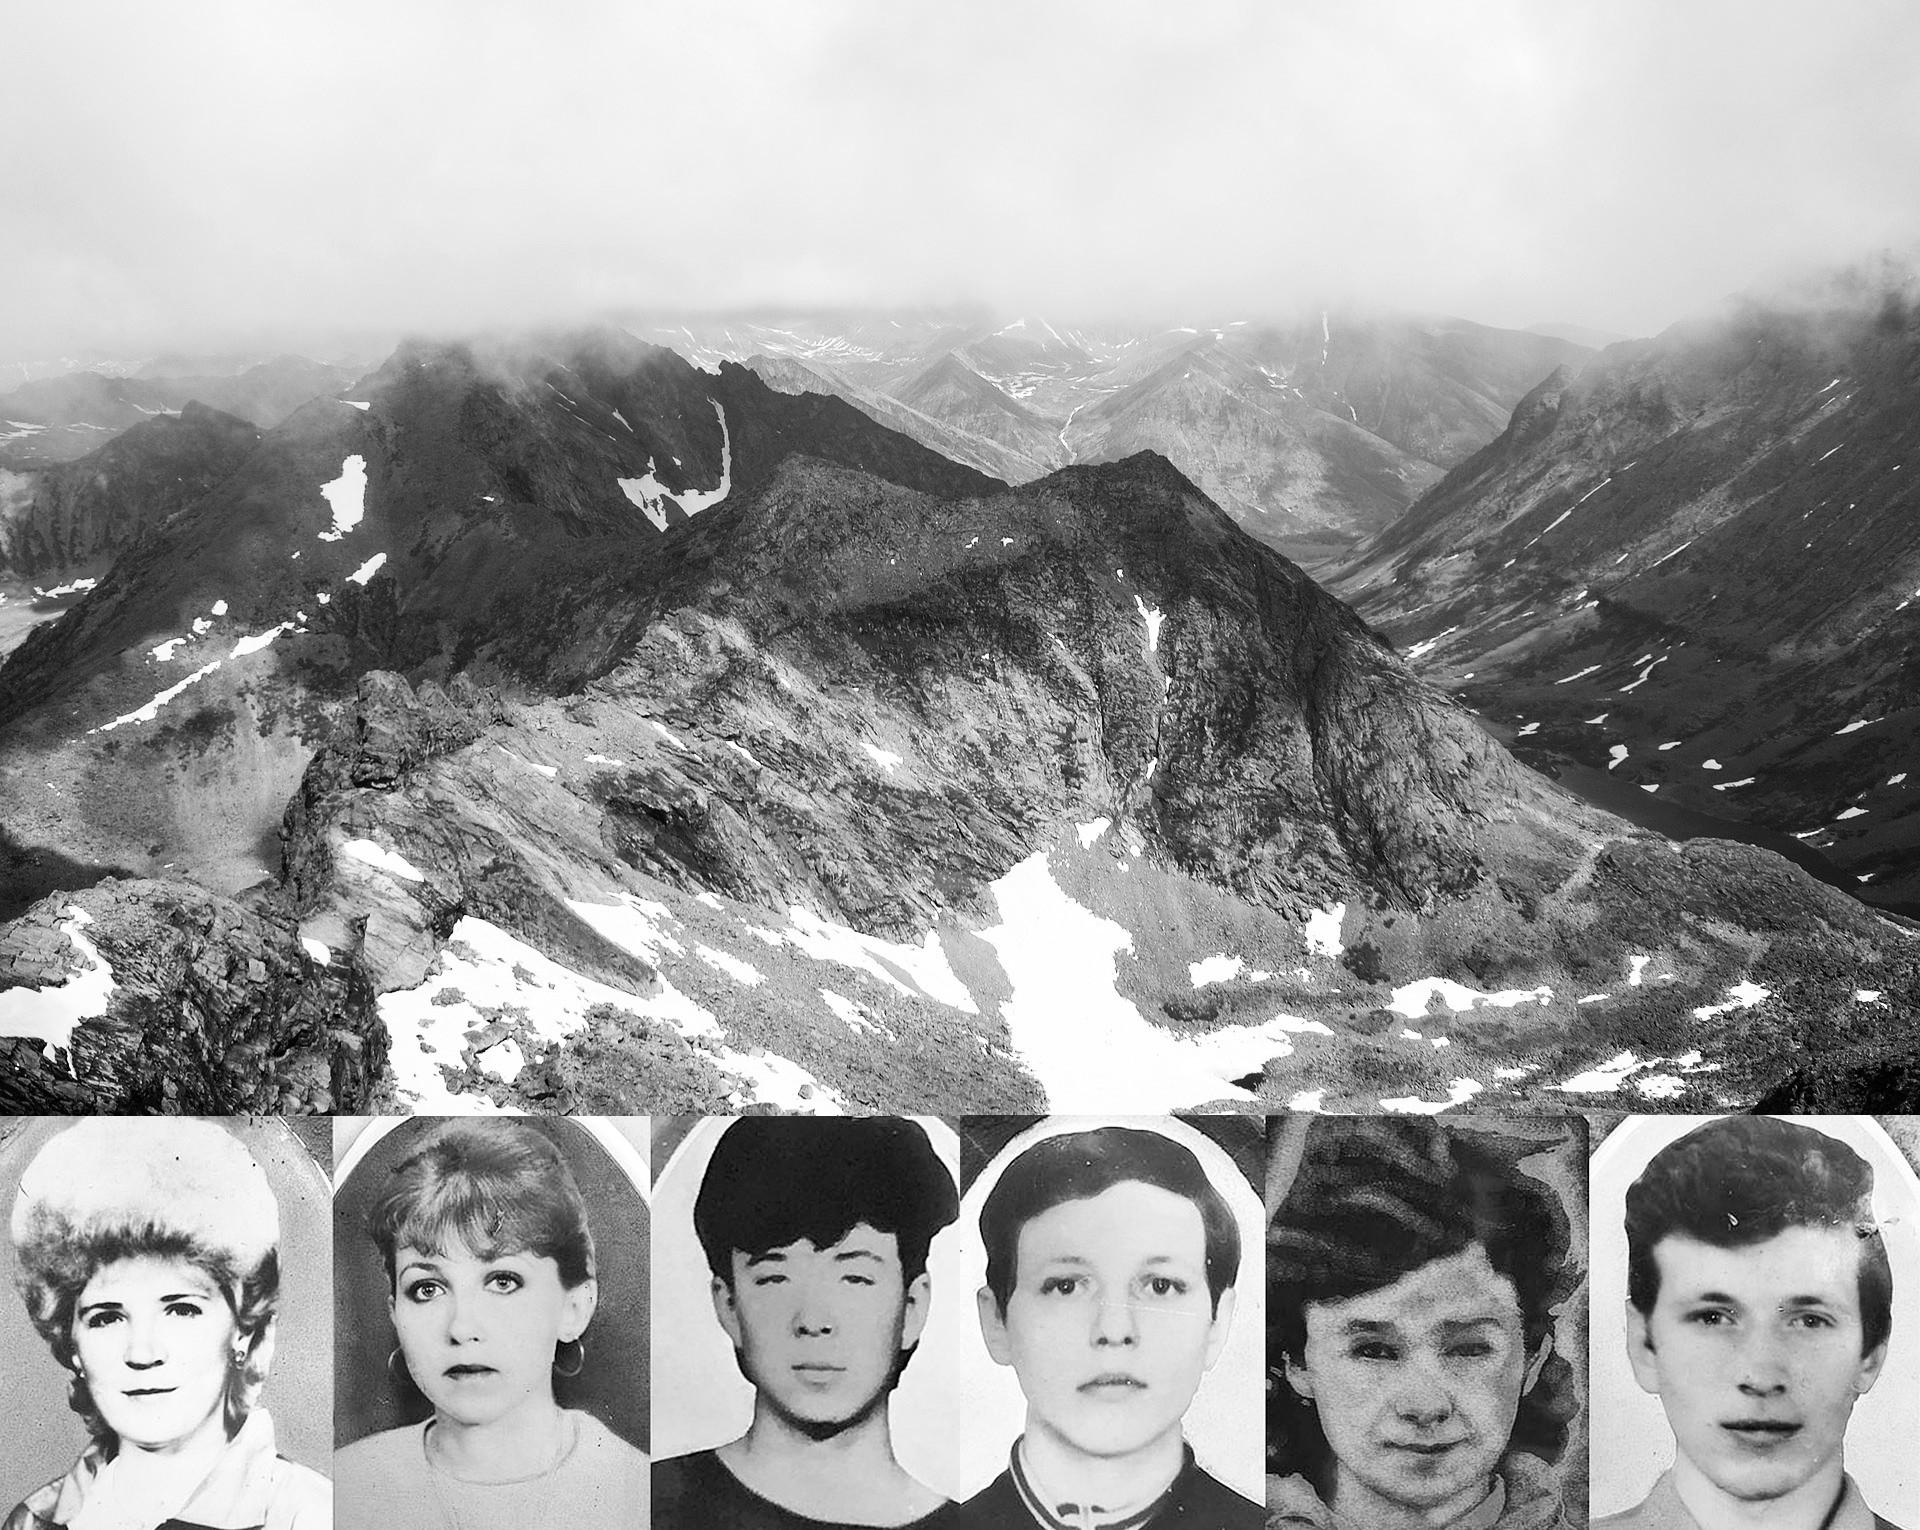 Insiden Khamar Daban: Kematian Masal Misterius Di Pegunungan Rusia